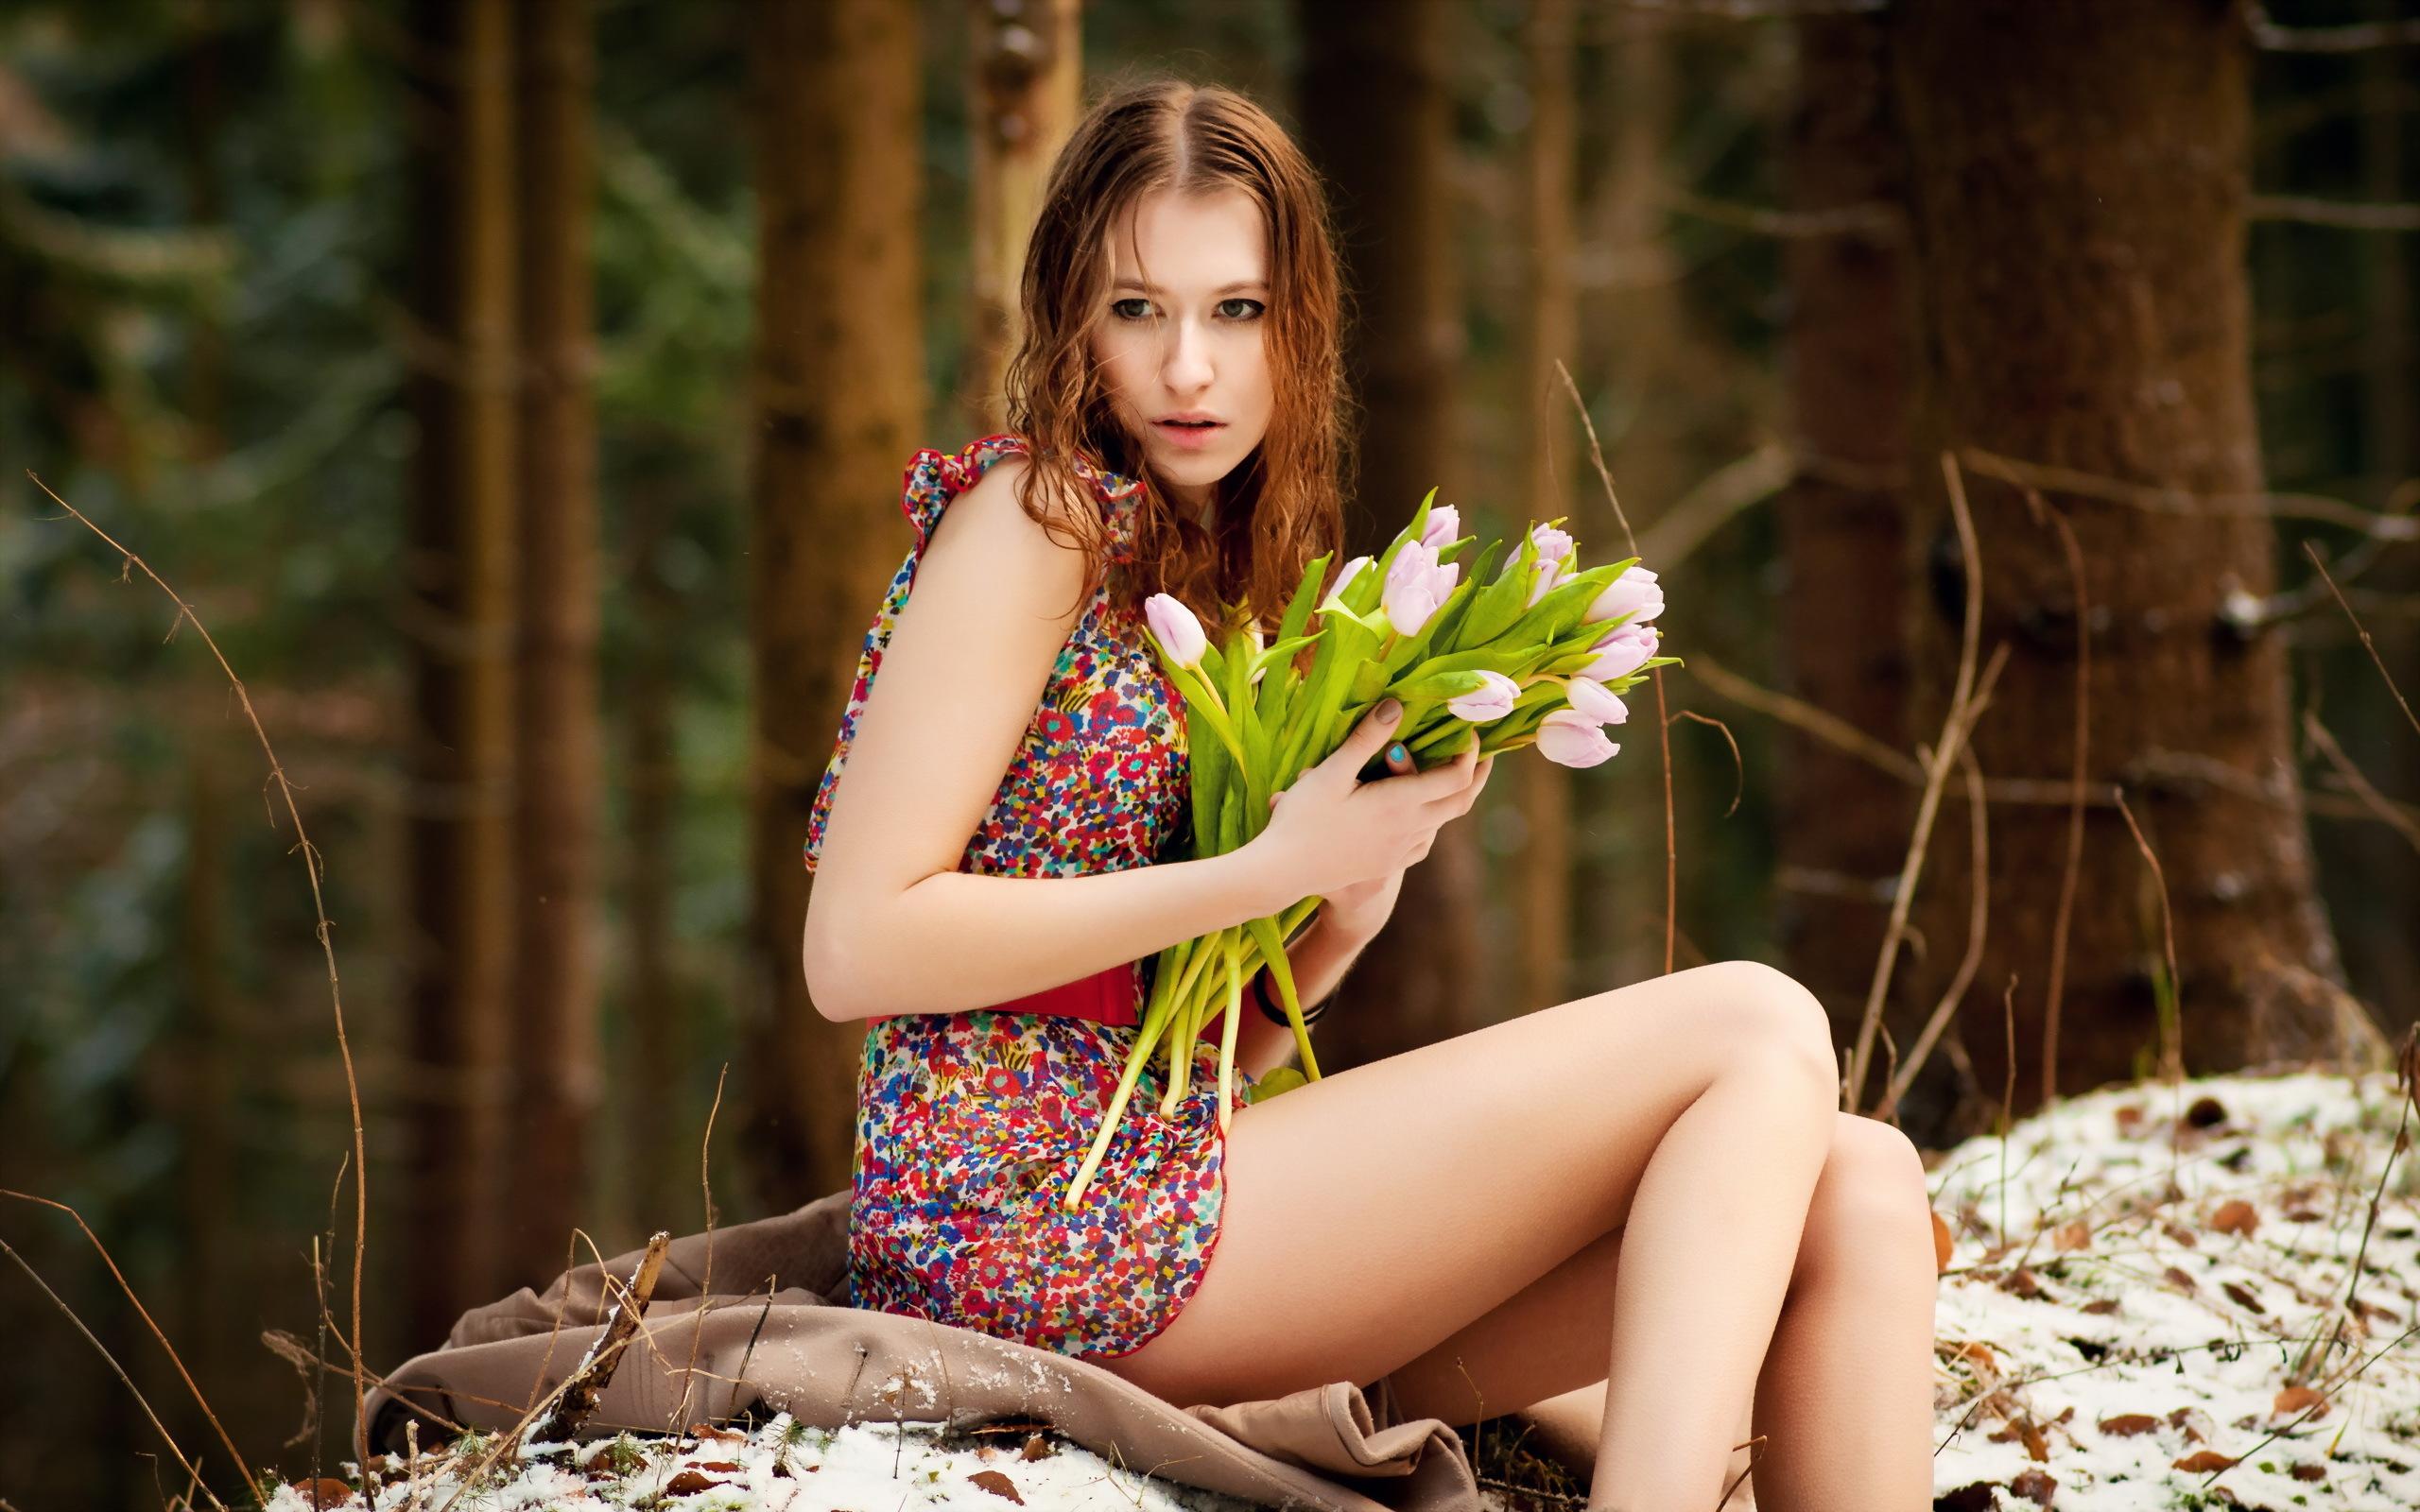 женщина без одежды на природе суют